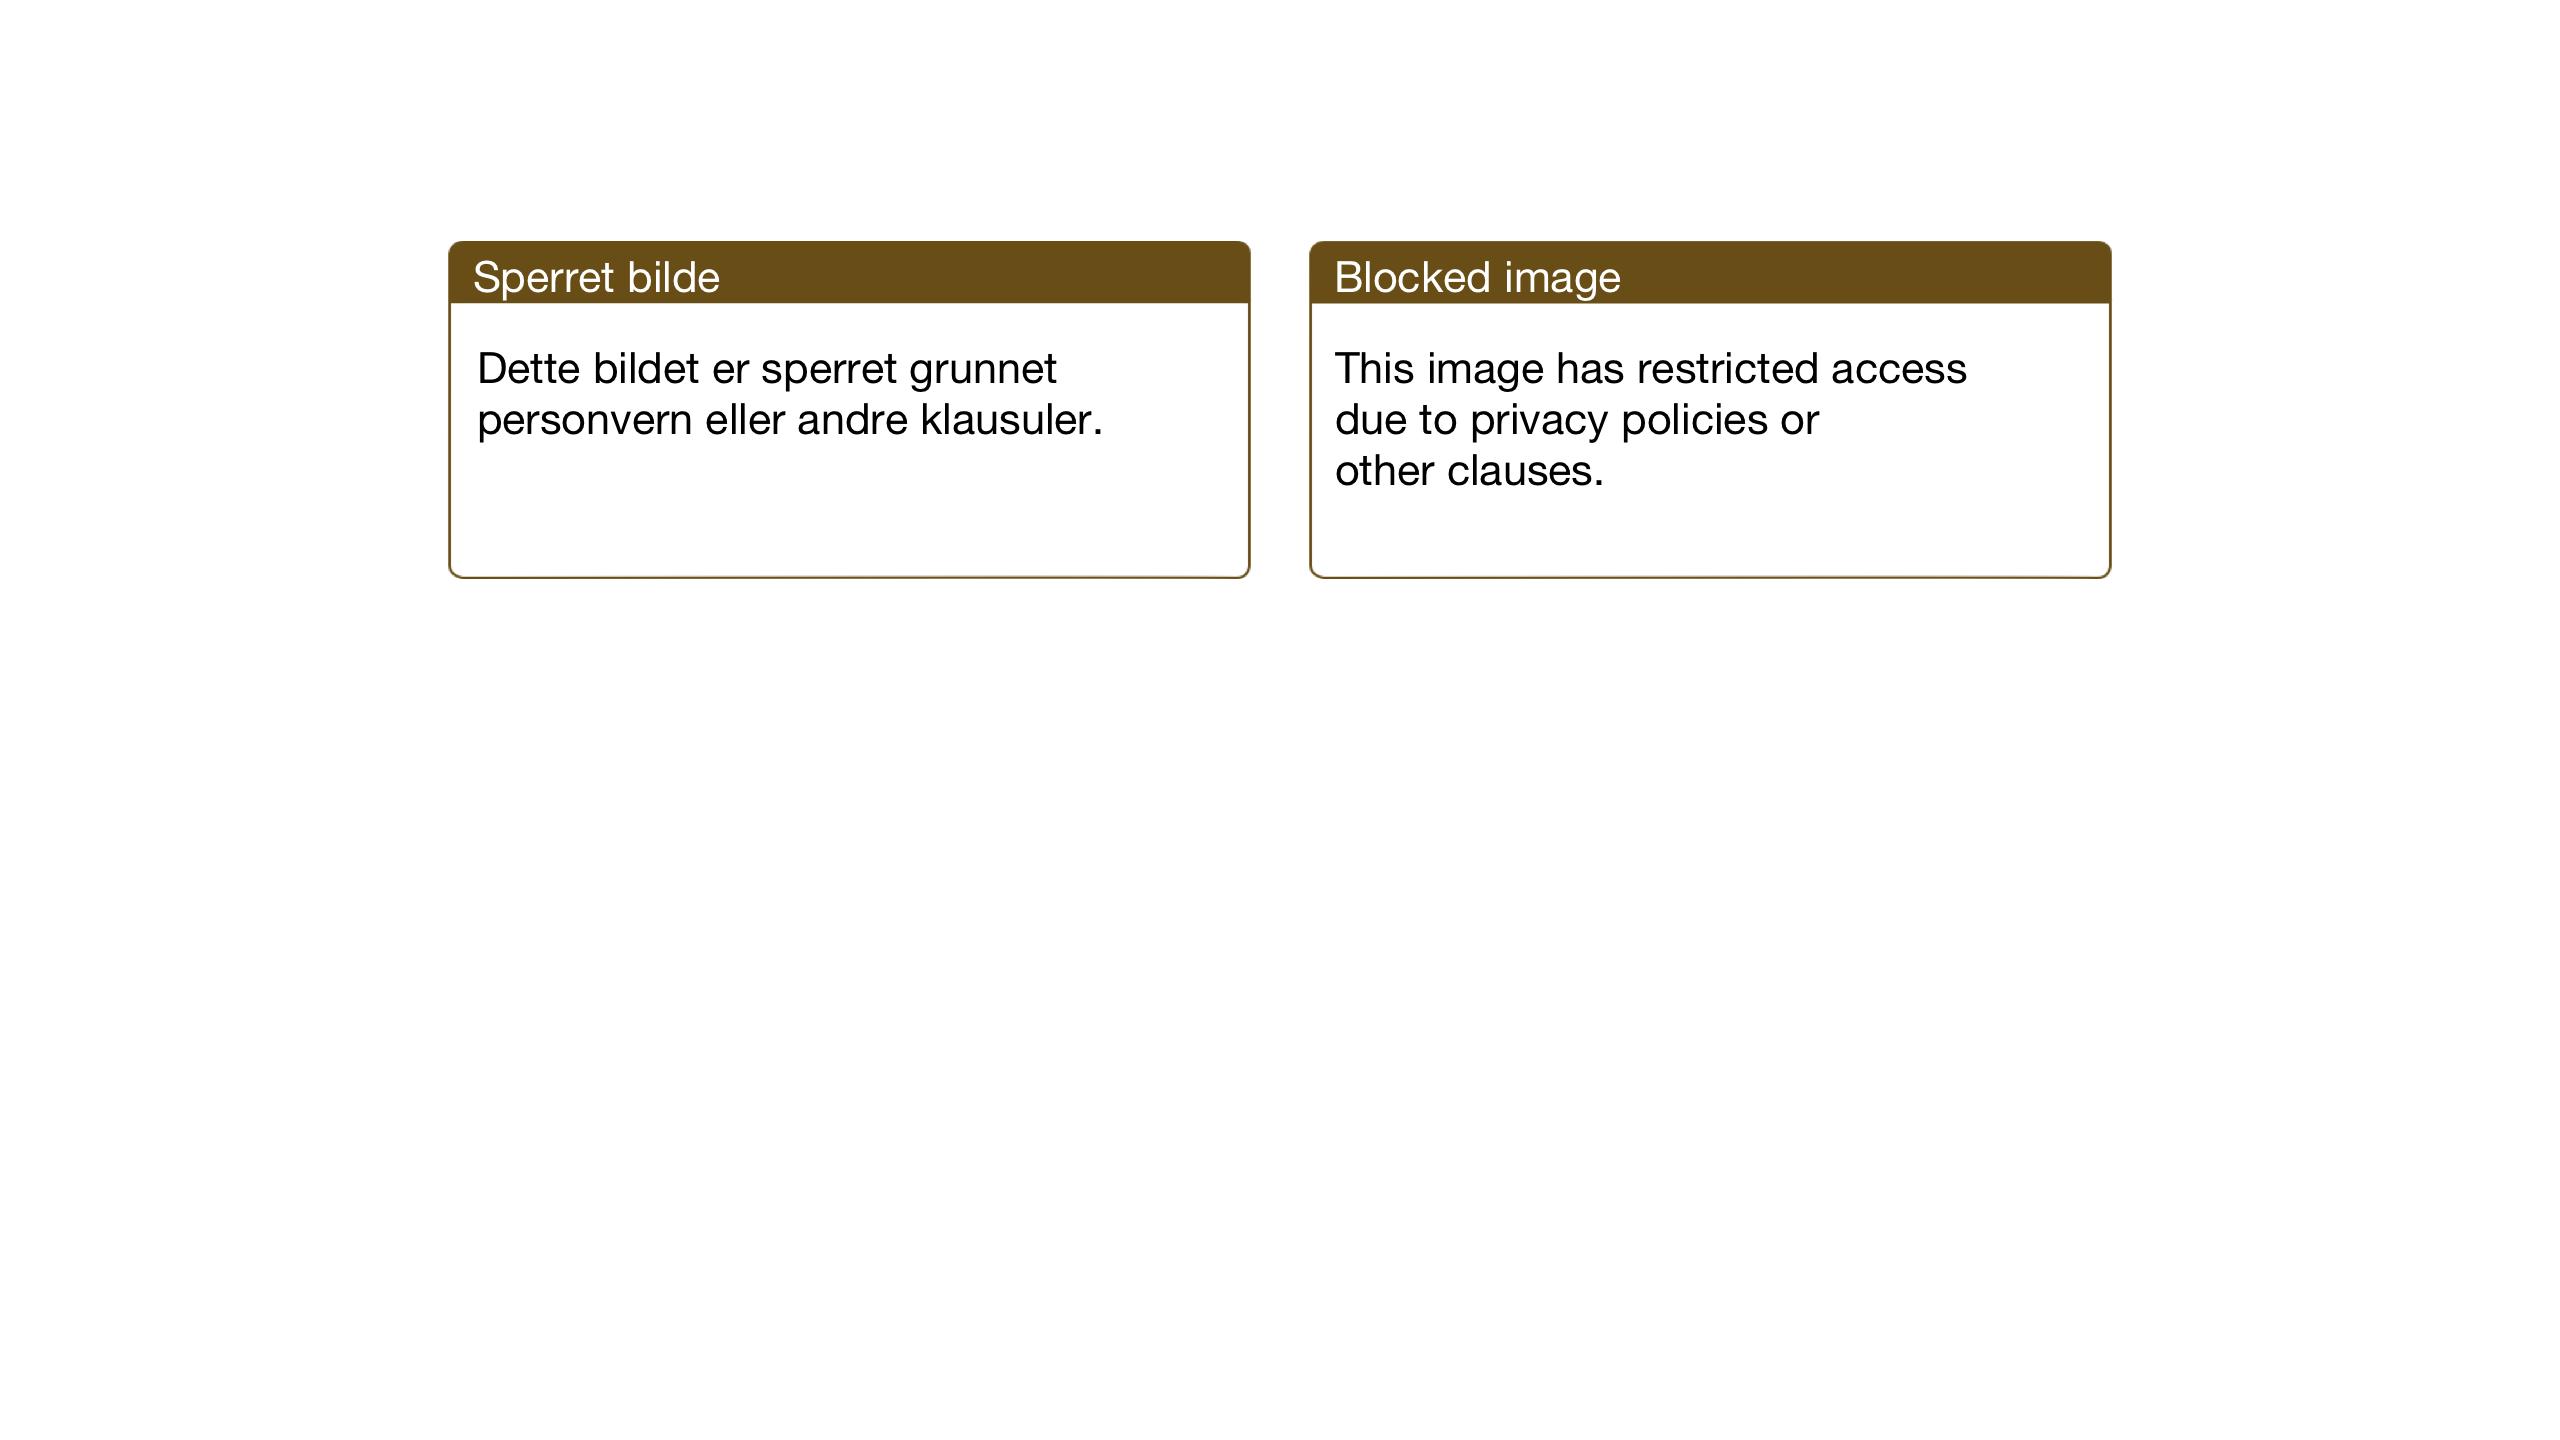 SAT, Ministerialprotokoller, klokkerbøker og fødselsregistre - Sør-Trøndelag, 656/L0696: Klokkerbok nr. 656C02, 1921-1937, s. 40